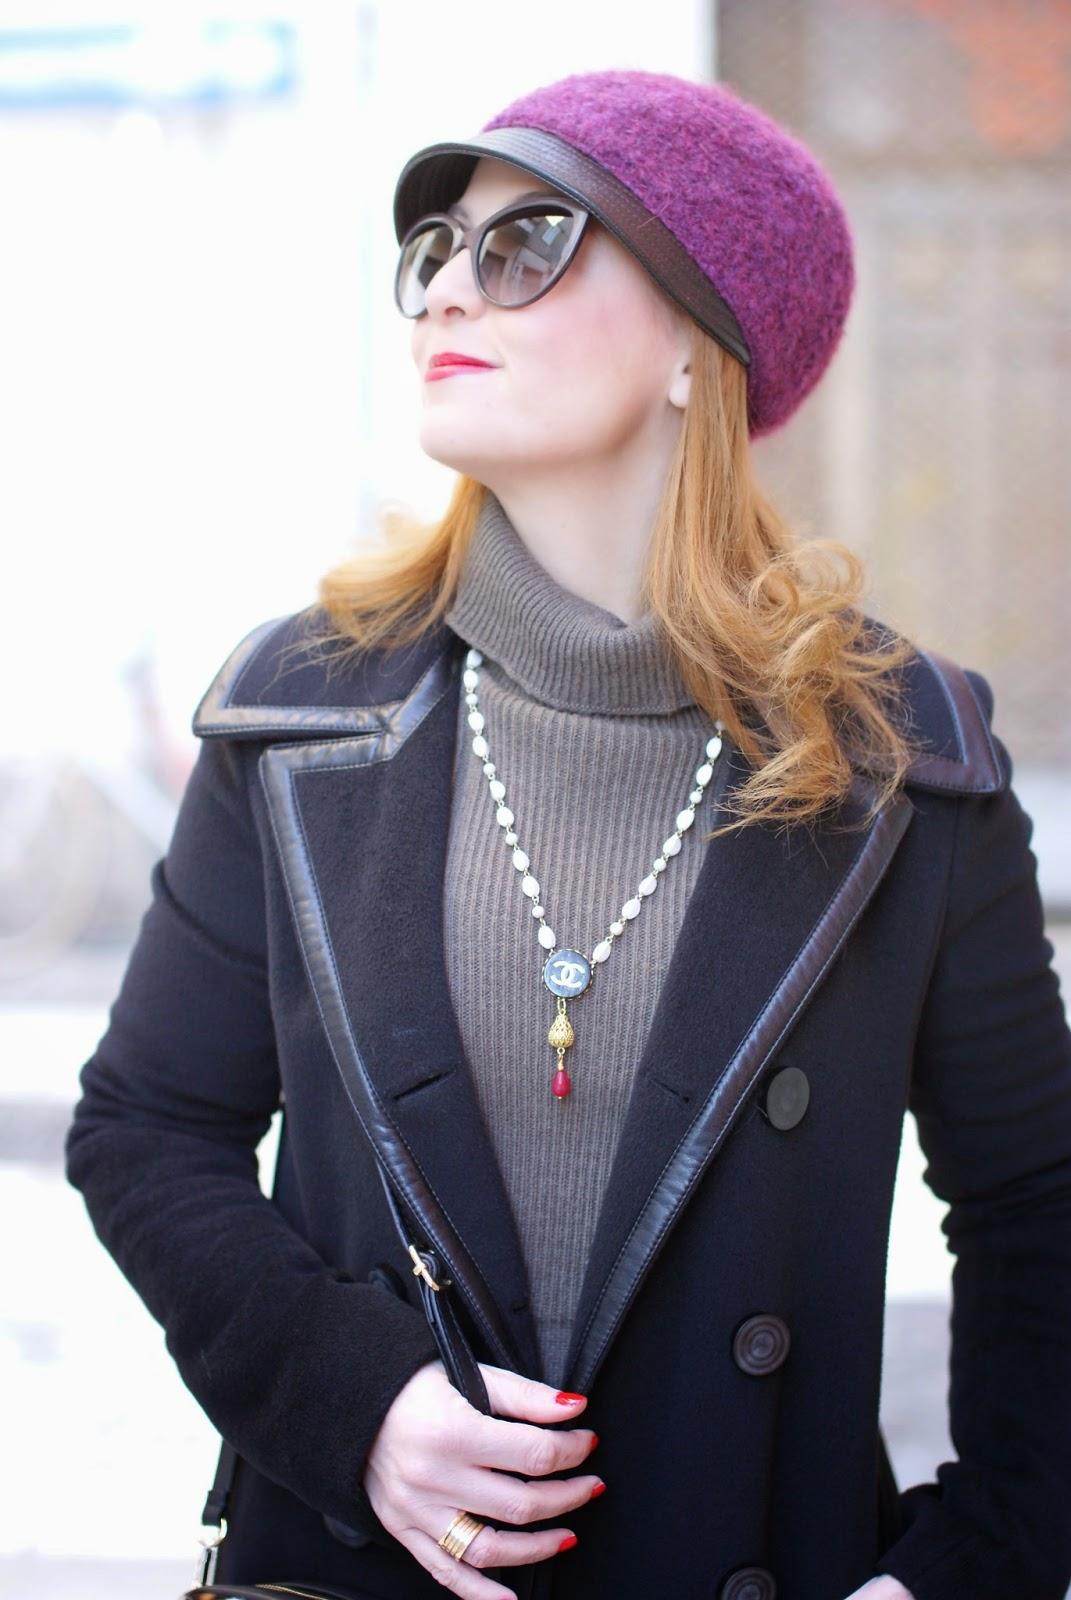 Balenciaga black coat, jockey hat, Theatrebijoux necklace, Sofia borse Candy pochette, Fashion and Cookies, fashion blogger